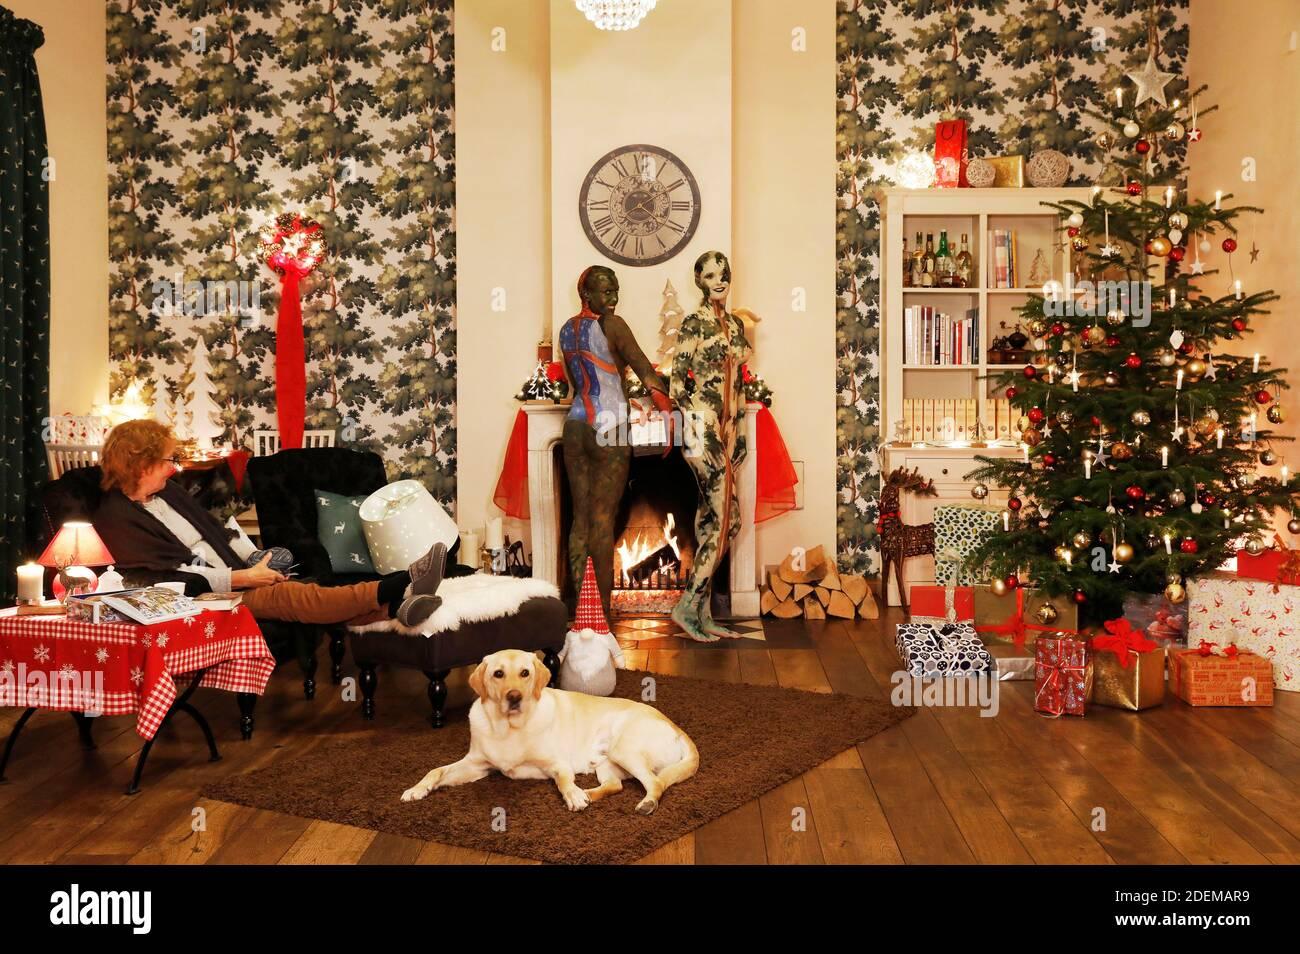 """Échauffement pendant la pause - peinture de Noël avec la grand-mère Sabine S., le chien Louis, le modèle Marilena comme lampe de plancher et le modèle Darky comme un cadeau au restaurant Castle Hehlen. Travail sur le clip de Noël """"le Noël de l'artiste - UN Bodypainting clip vidéo de l'atelier Düsterwald"""" par Jörg Düsterwald et Alexander grosse-Strangmann. Hehlen le 28 novembre 2020 Banque D'Images"""